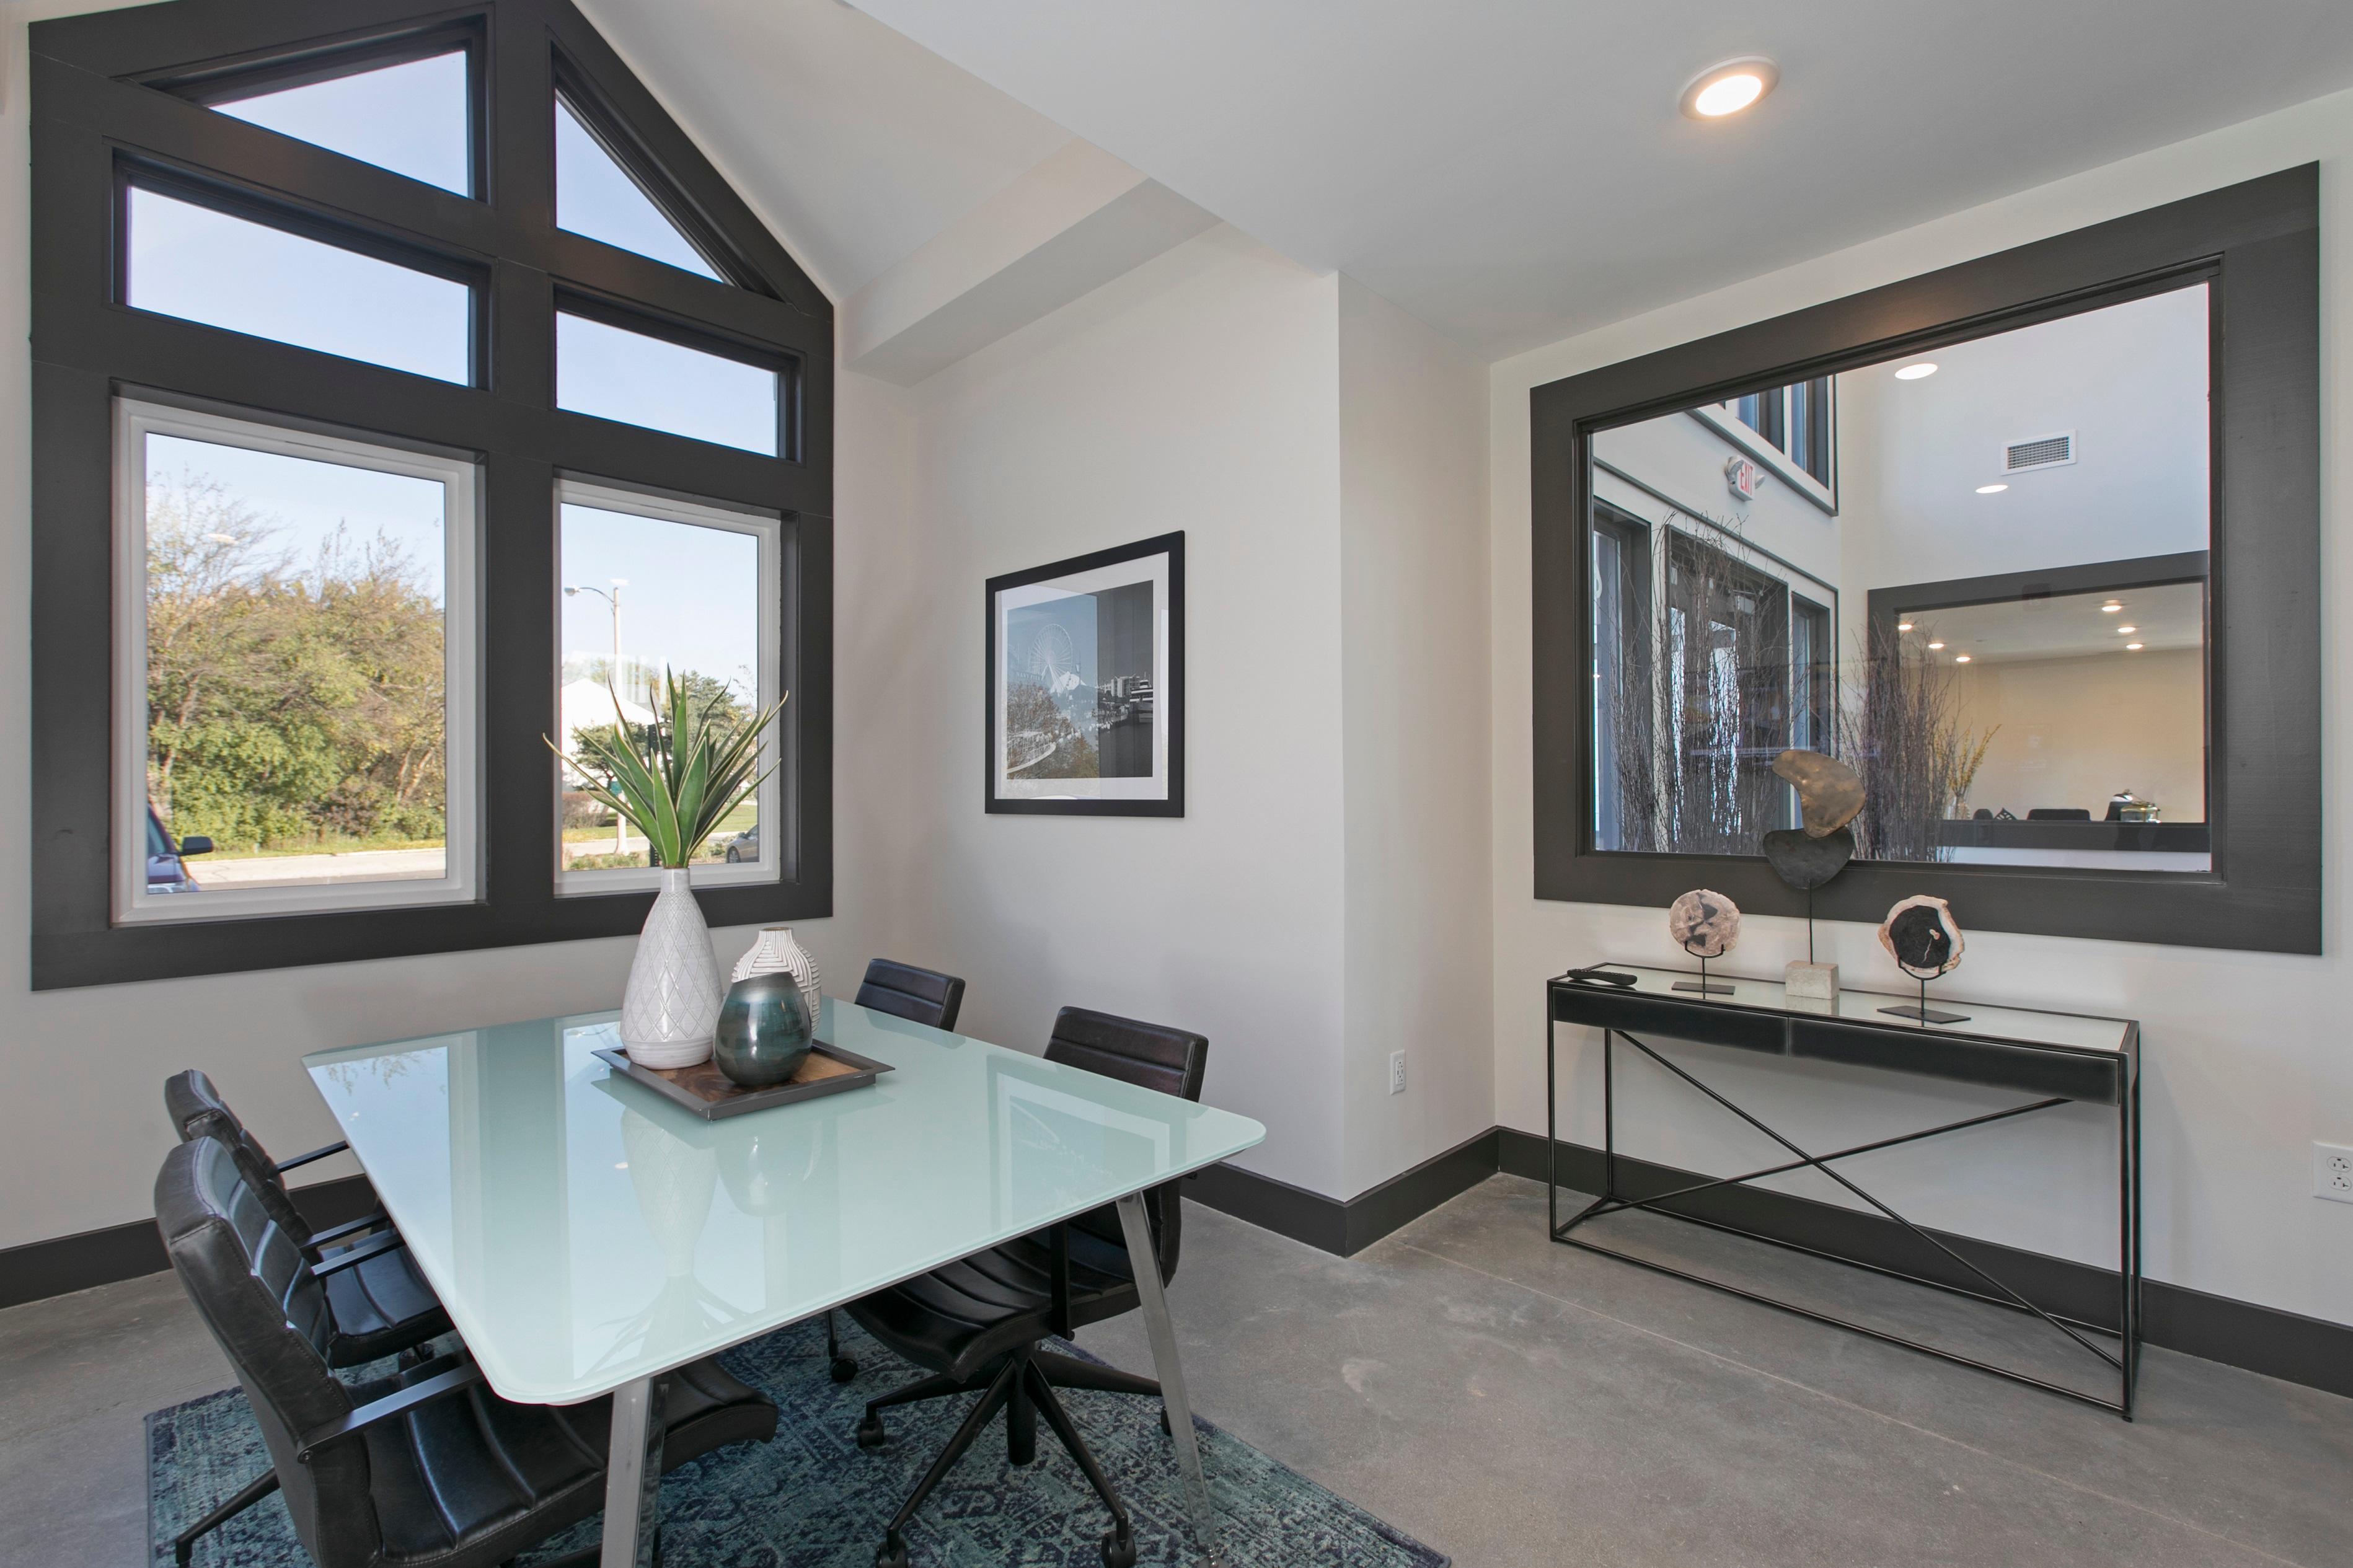 Westmont Village Apartments image 6